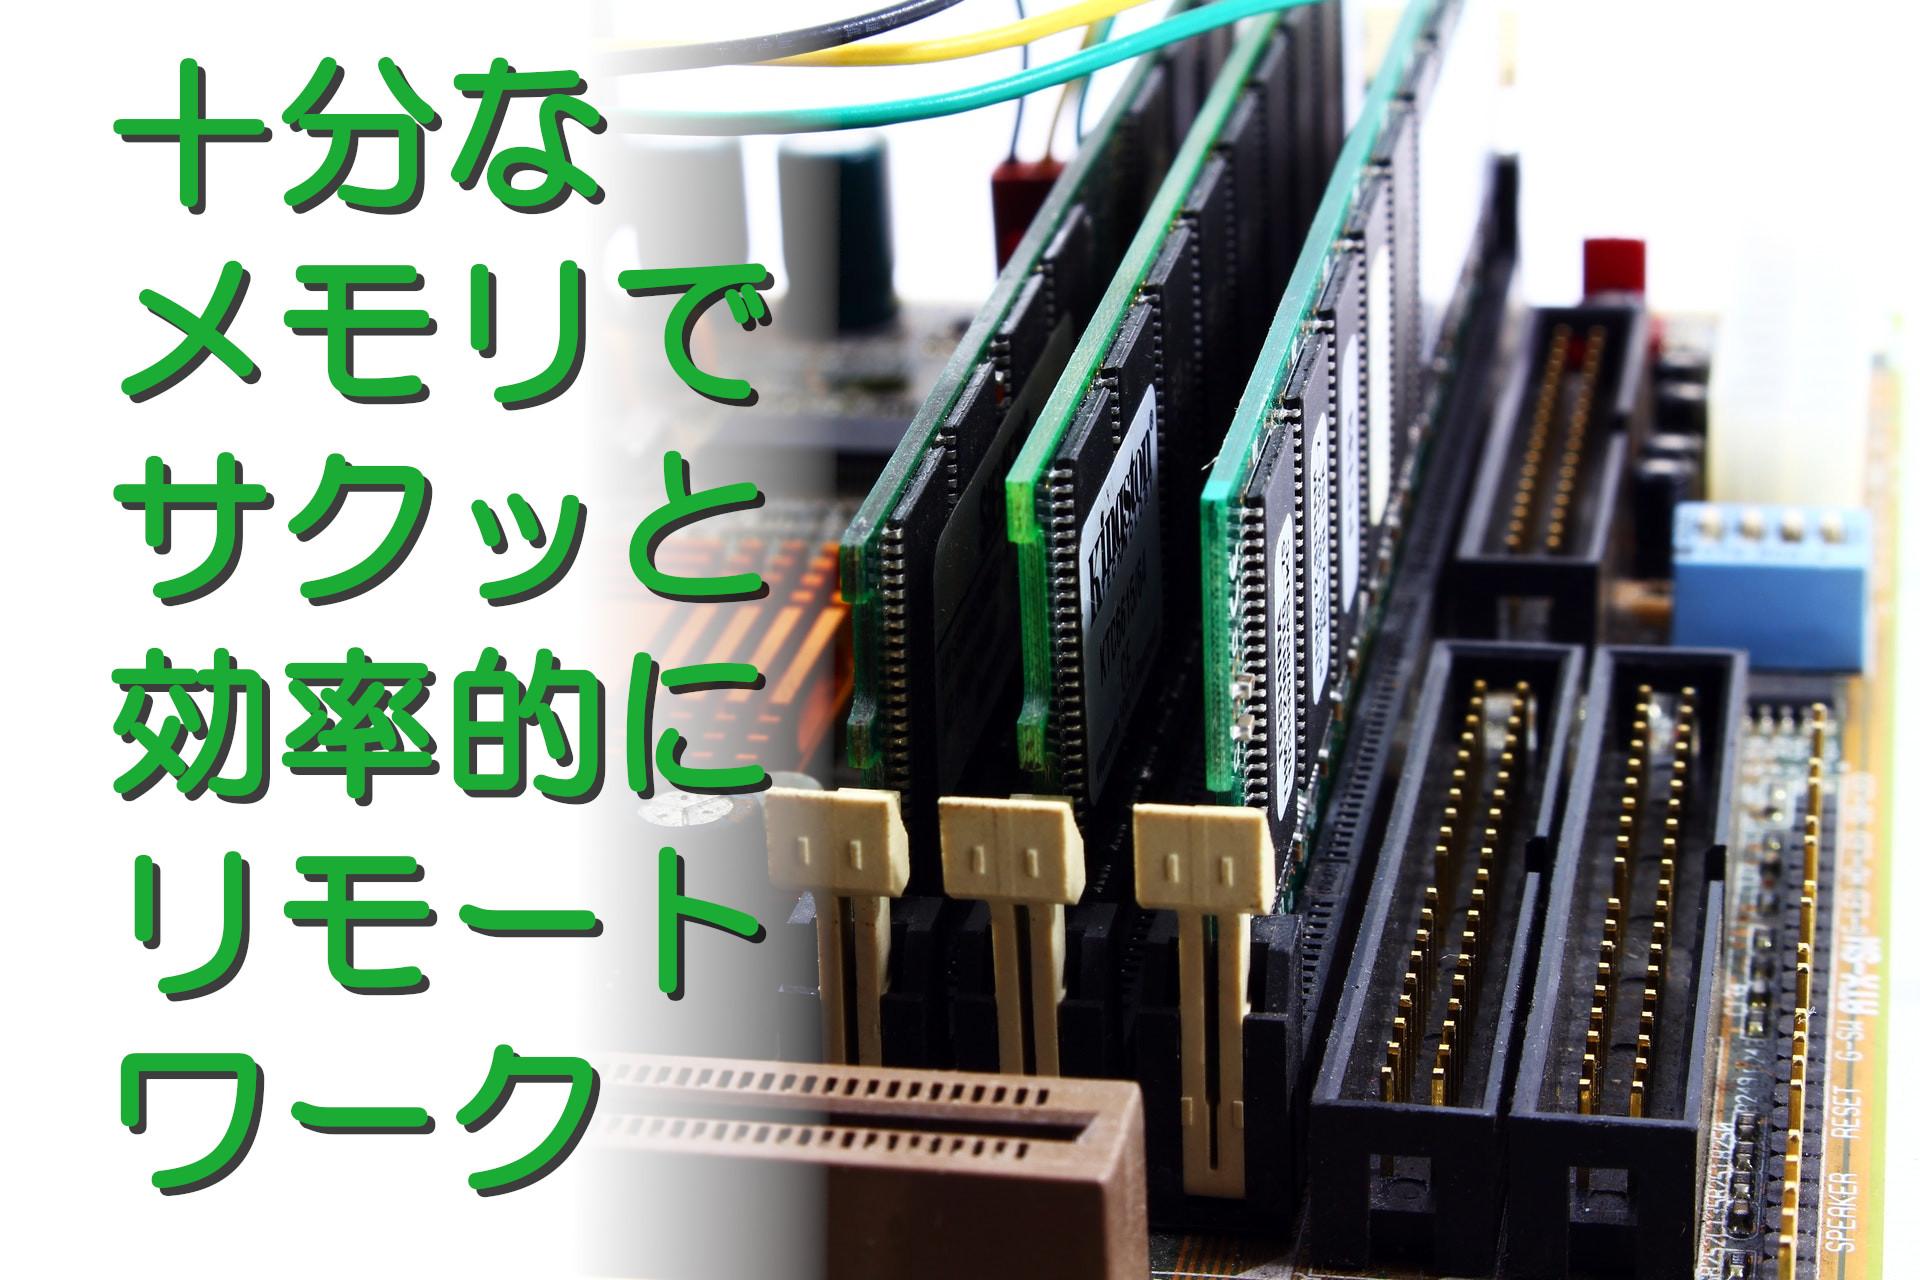 リモートワーク用PCスペック-十分な【メモリ】でサクッと作業効率化